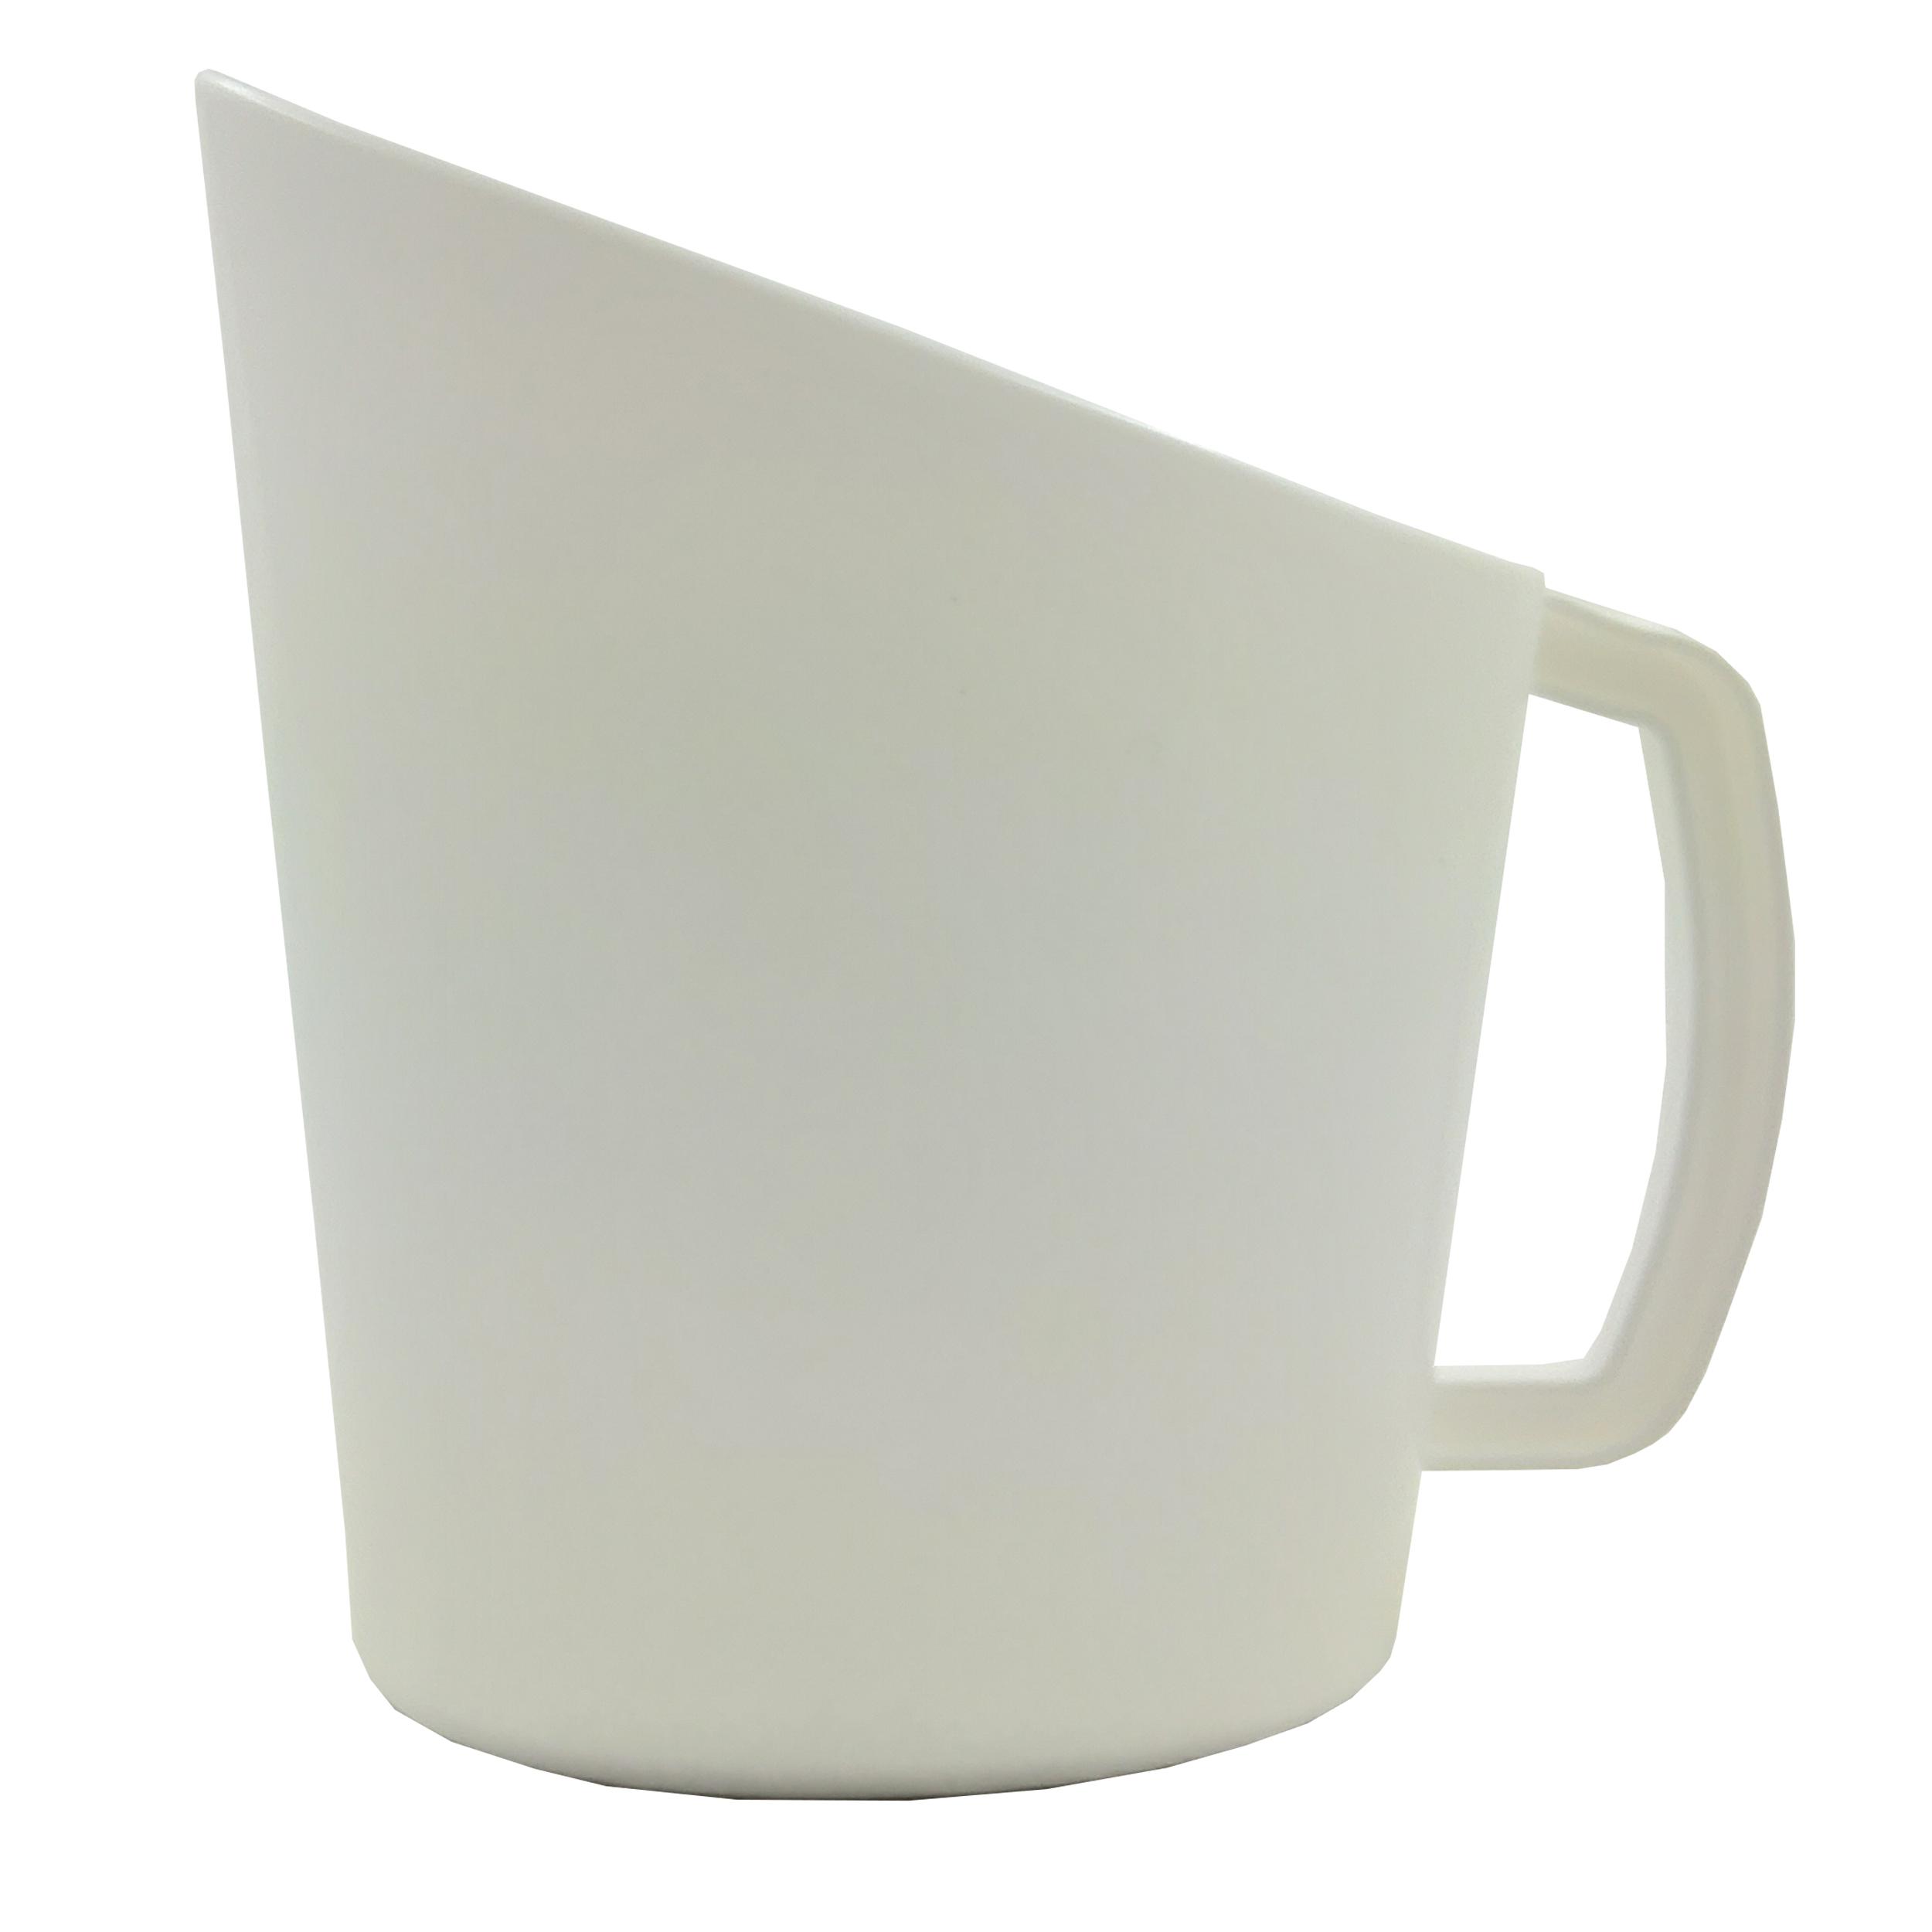 ظرف نگهدارنده شیر کد SHR-57